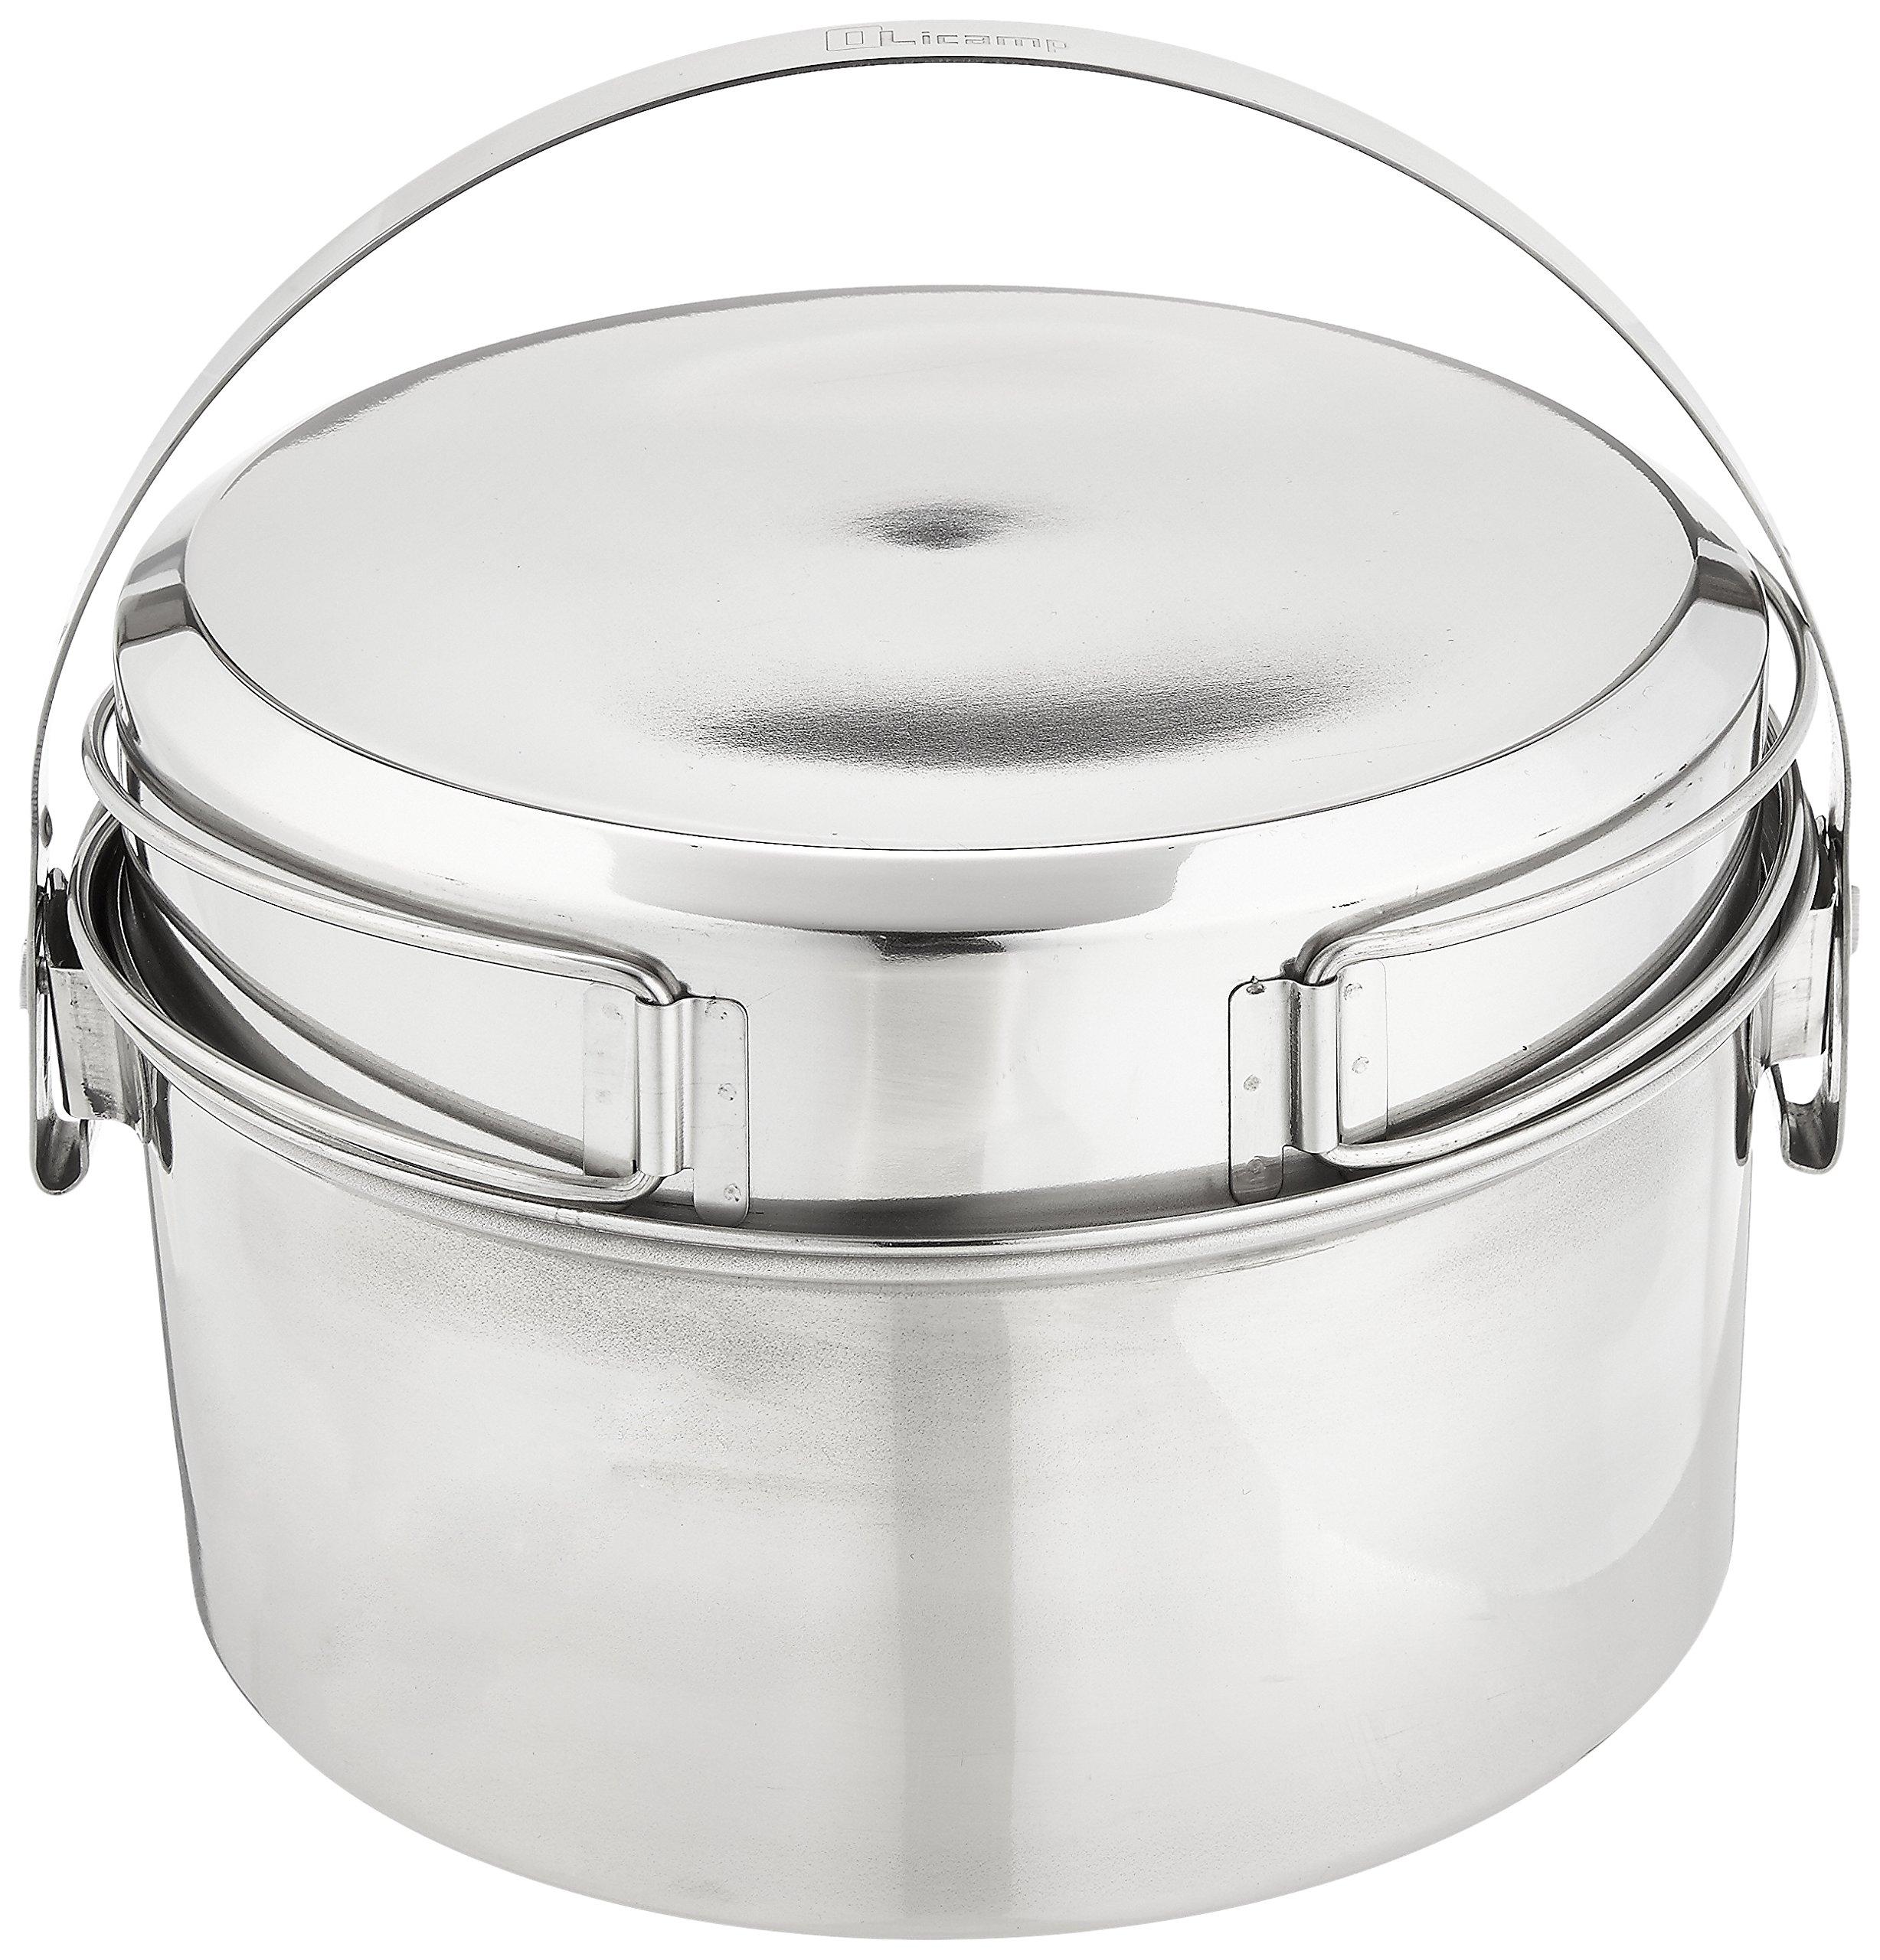 Olicamp Stainless Steel Kettle (3-Quart)